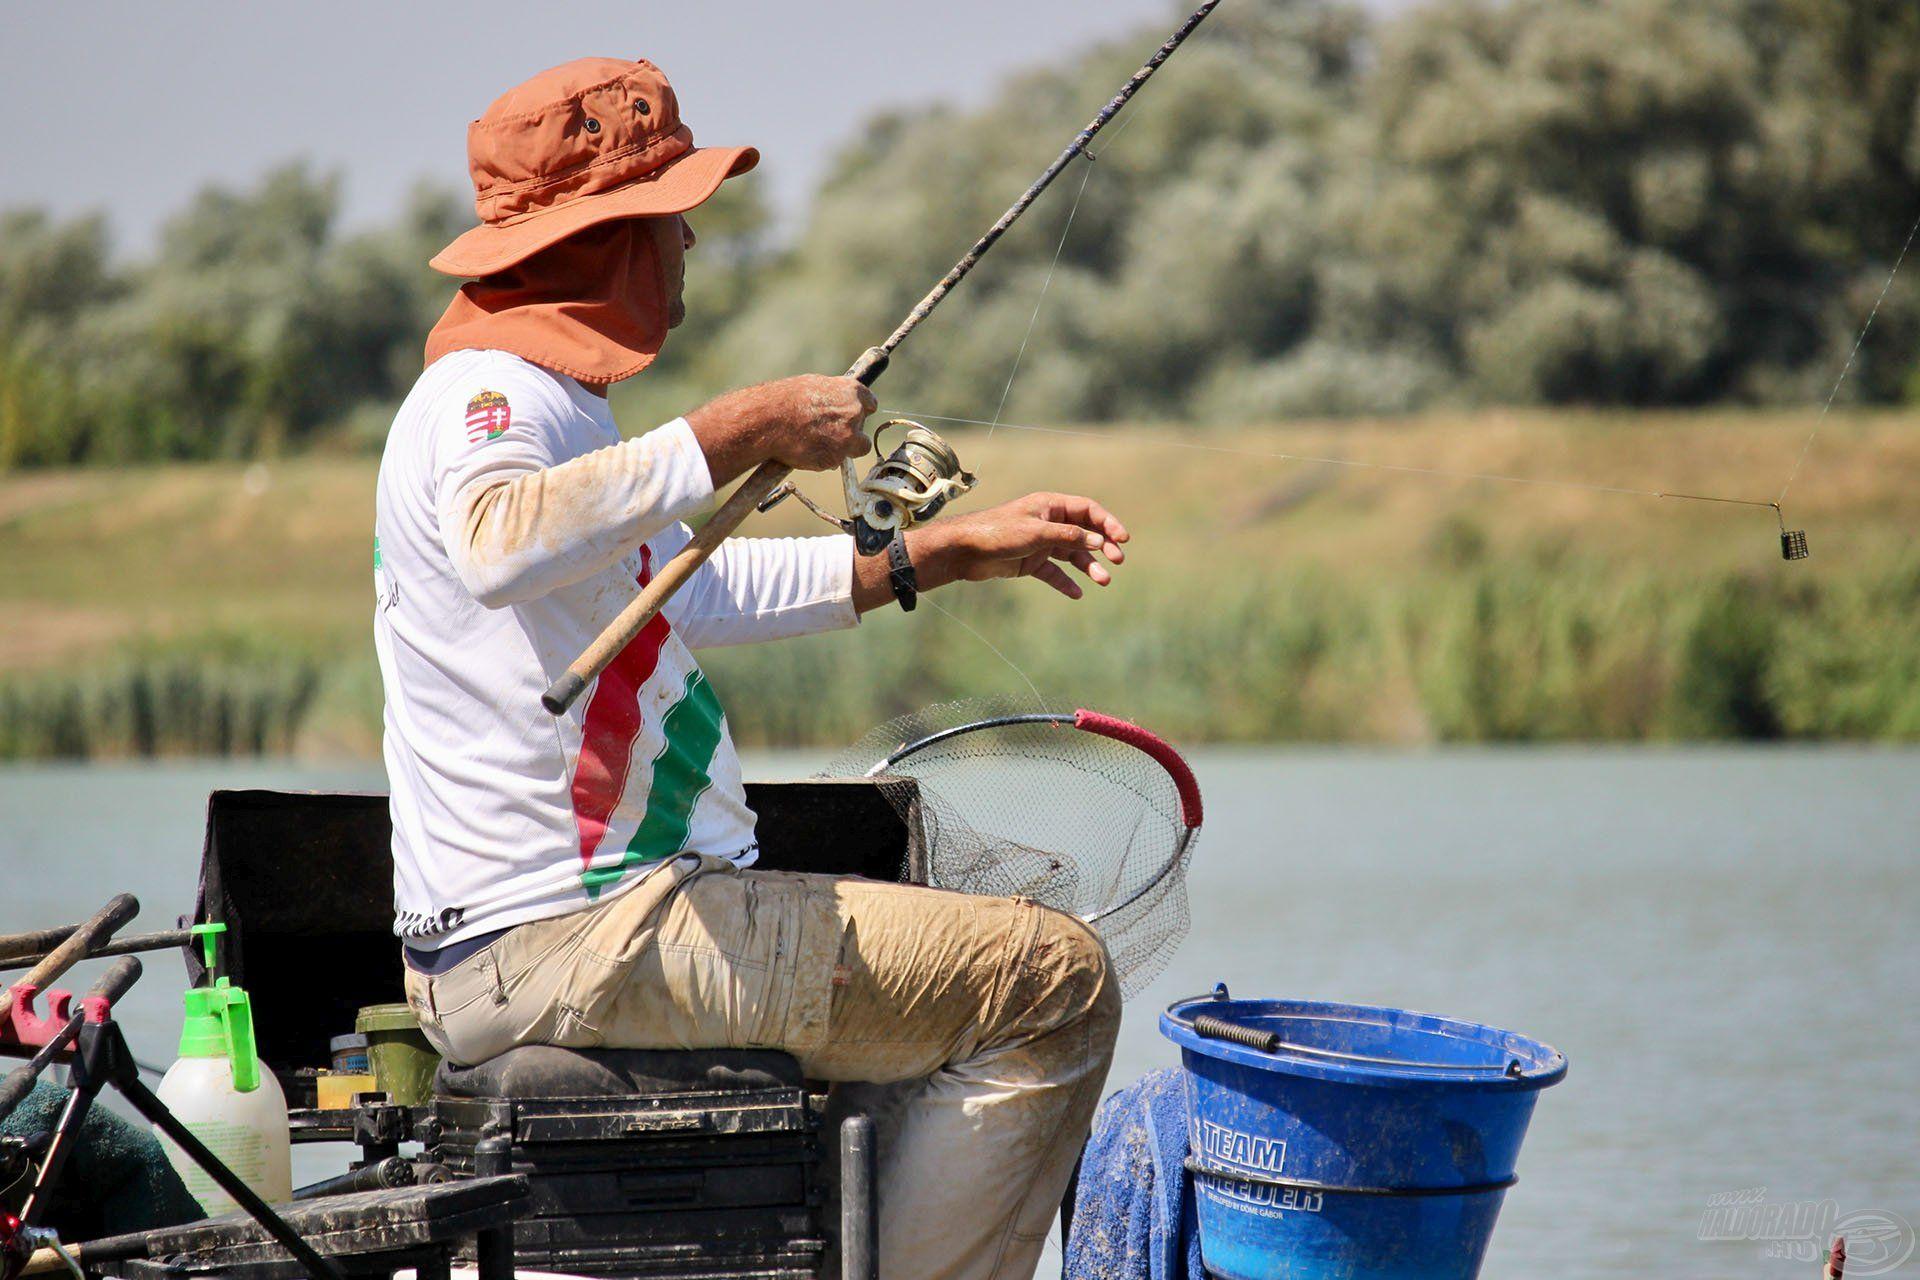 Körülményessé tette a pörgős horgászatot az akár 1,5 méter hosszú horogelőke, amellyel nagyon nehéz bánni (fotó: MOHOSZ)